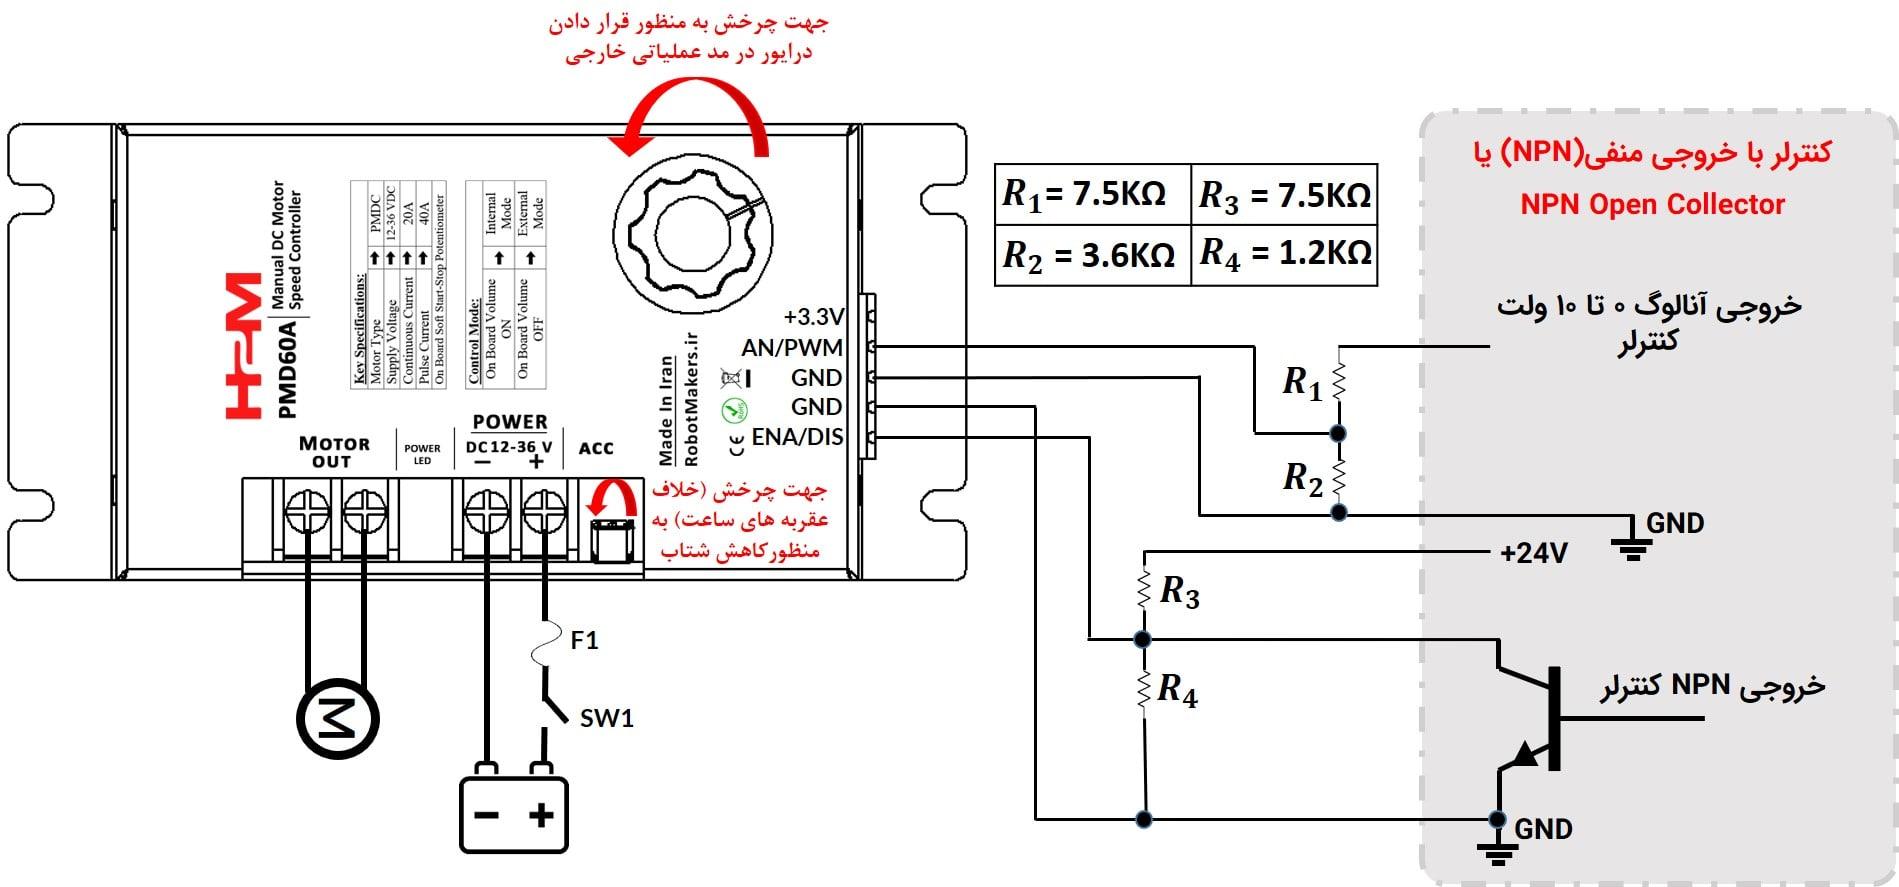 شکل ۷:کنترل درایور از طریق ولتاژ آنالوگ به وسیله PLC با خروجی NPN